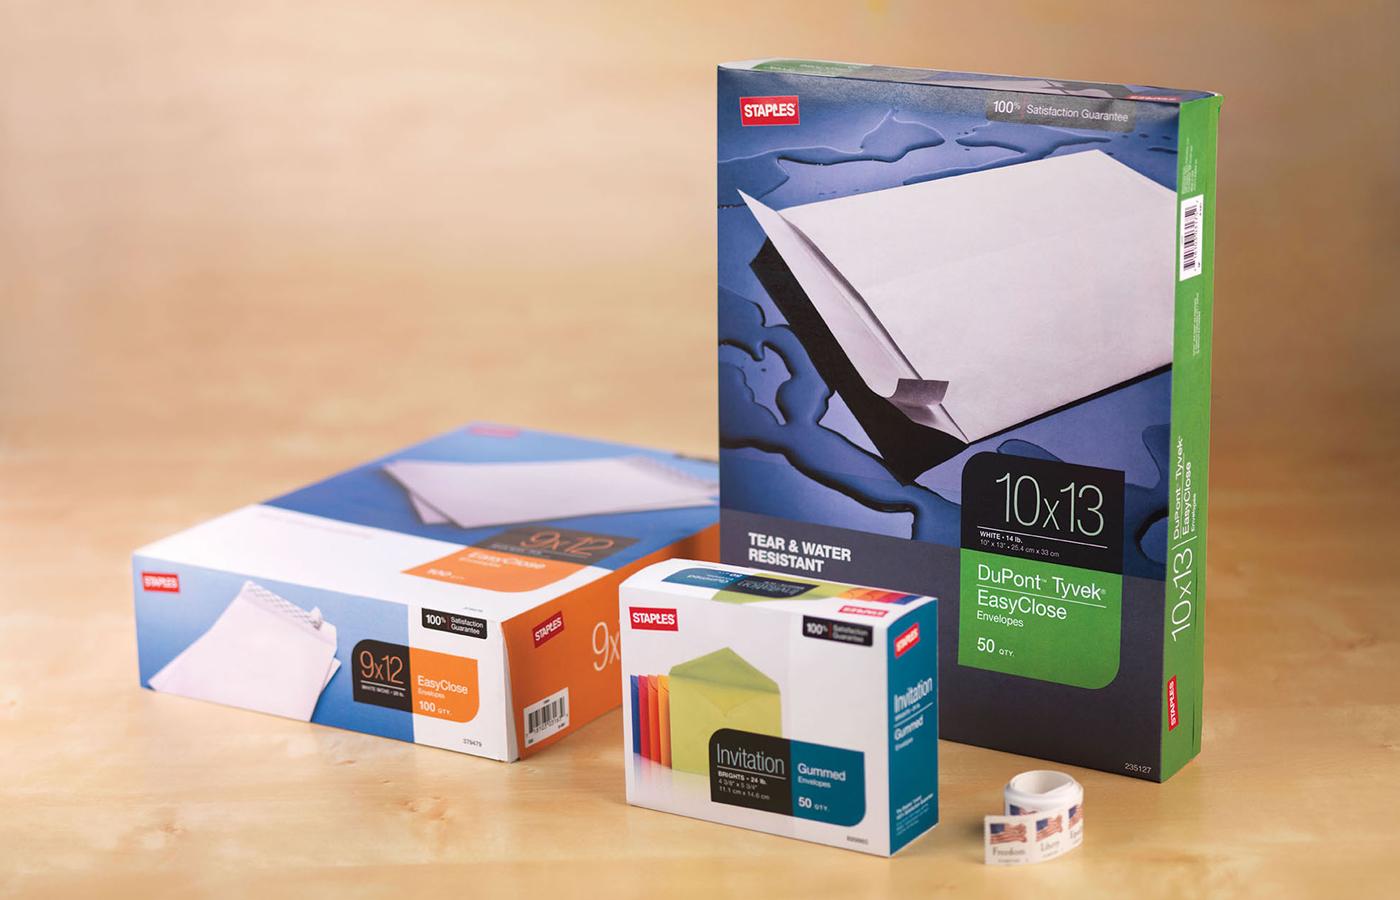 Ora SBG Story-envelopes1_1400x900.jpg